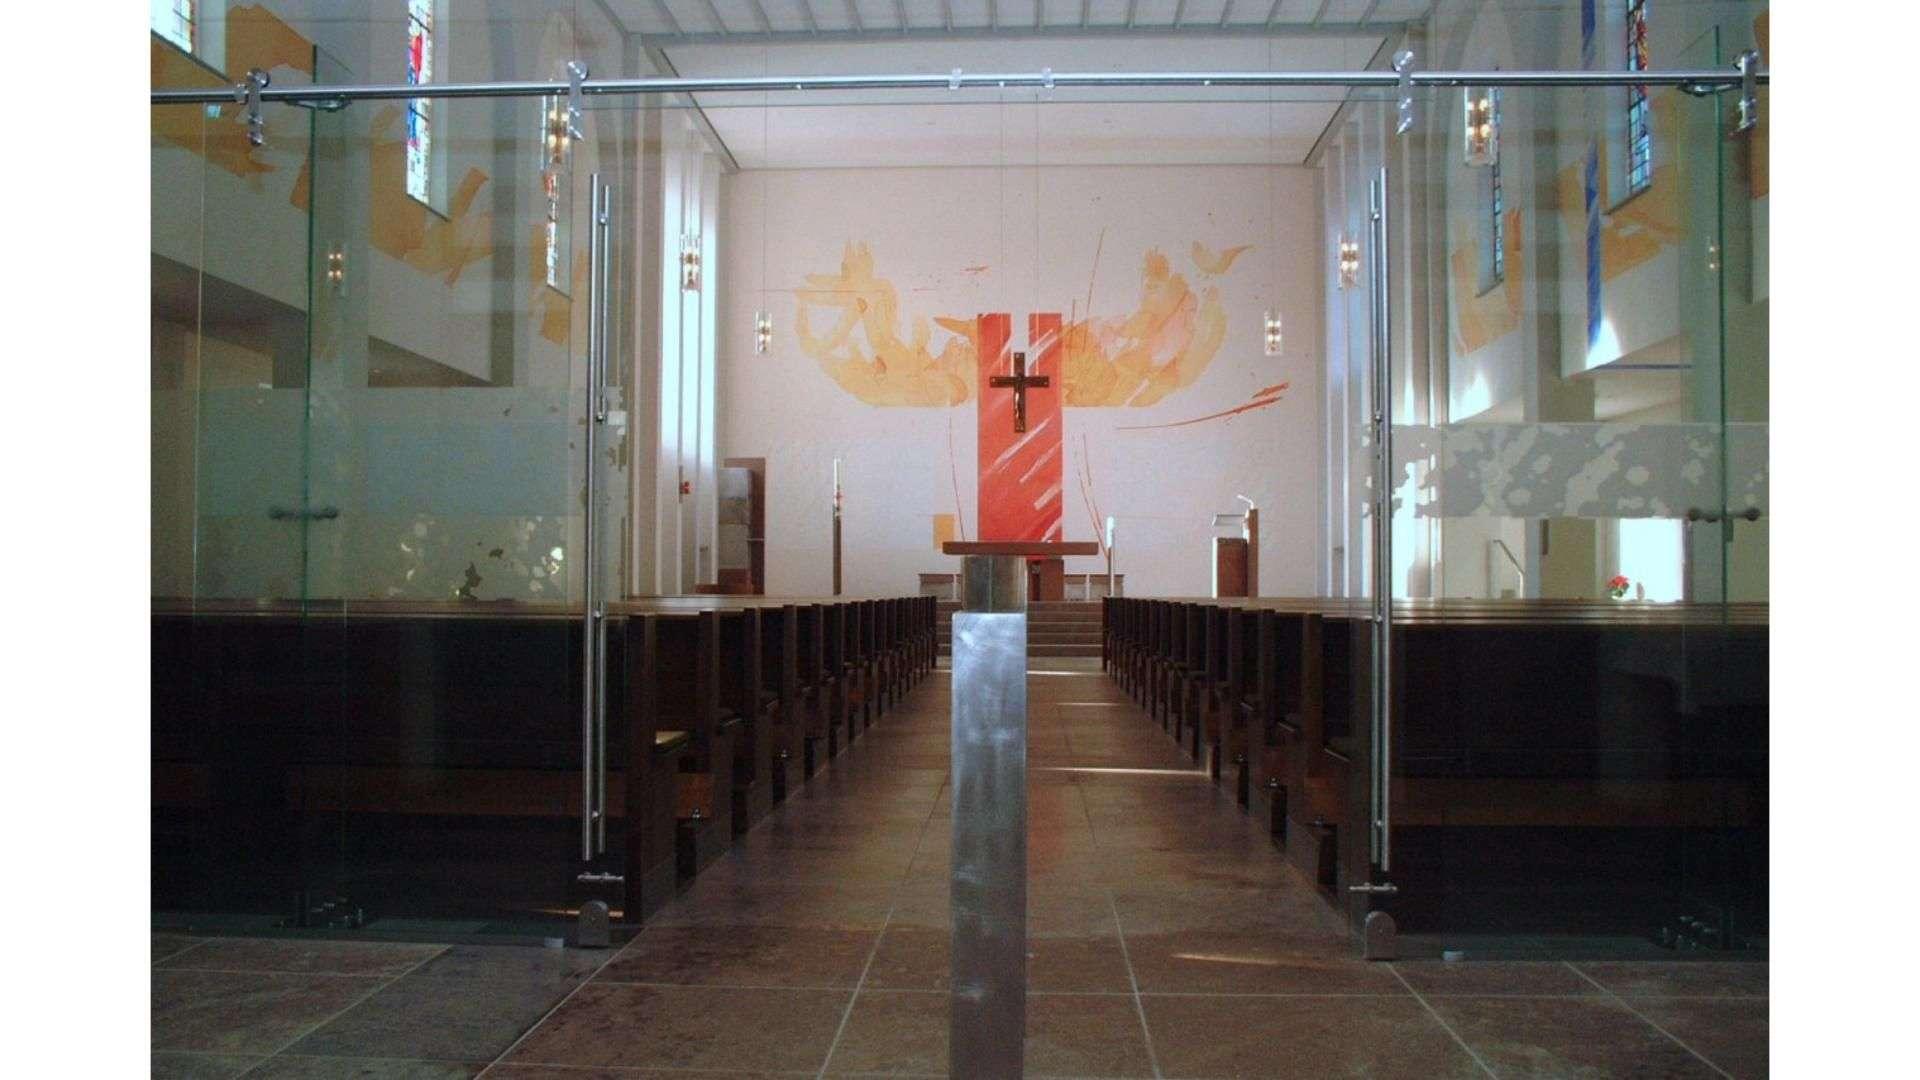 Ganzglas-Anlage in einer Kirche